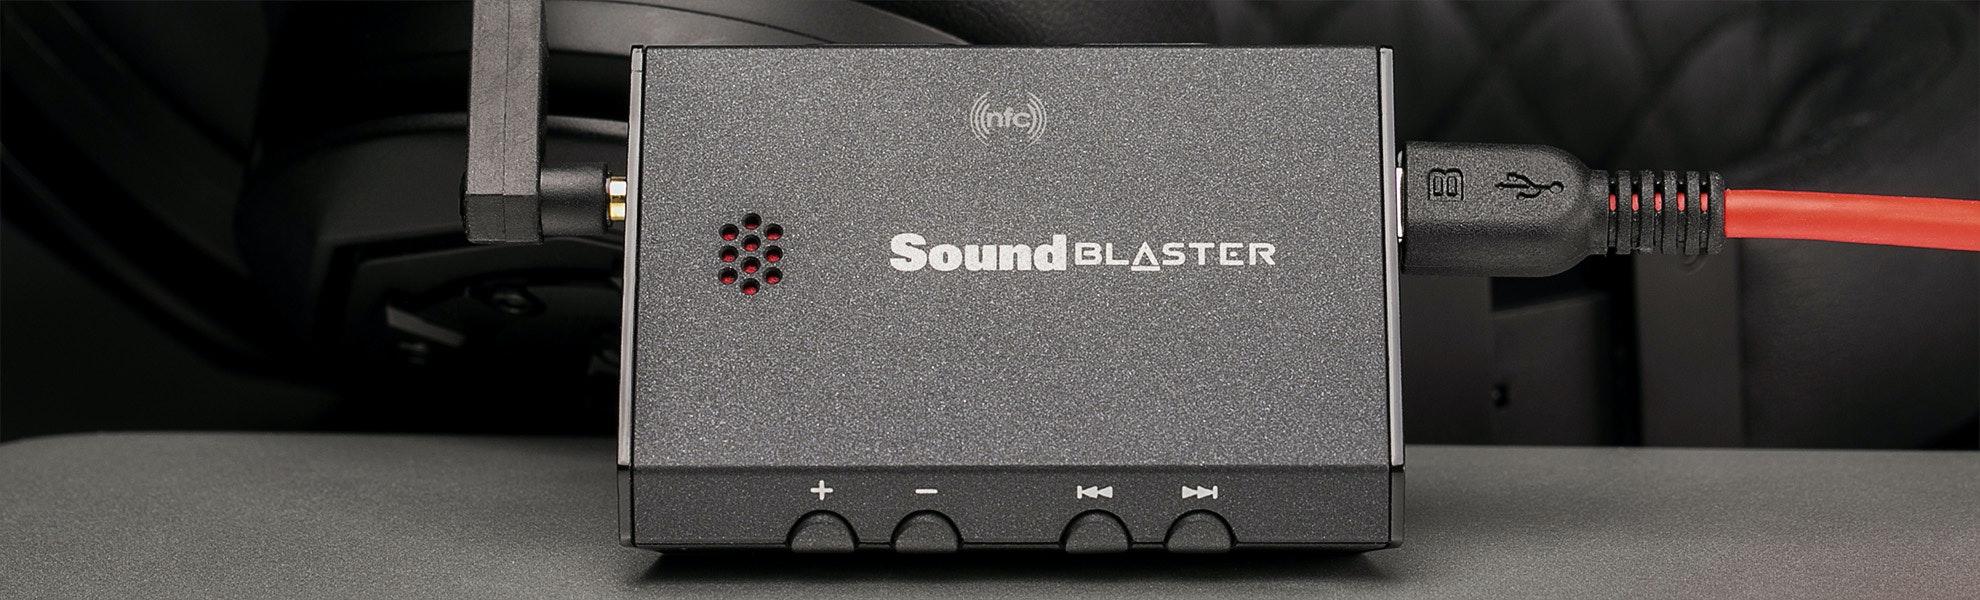 Creative Sound Blaster E3 USB DAC/Amp Combo